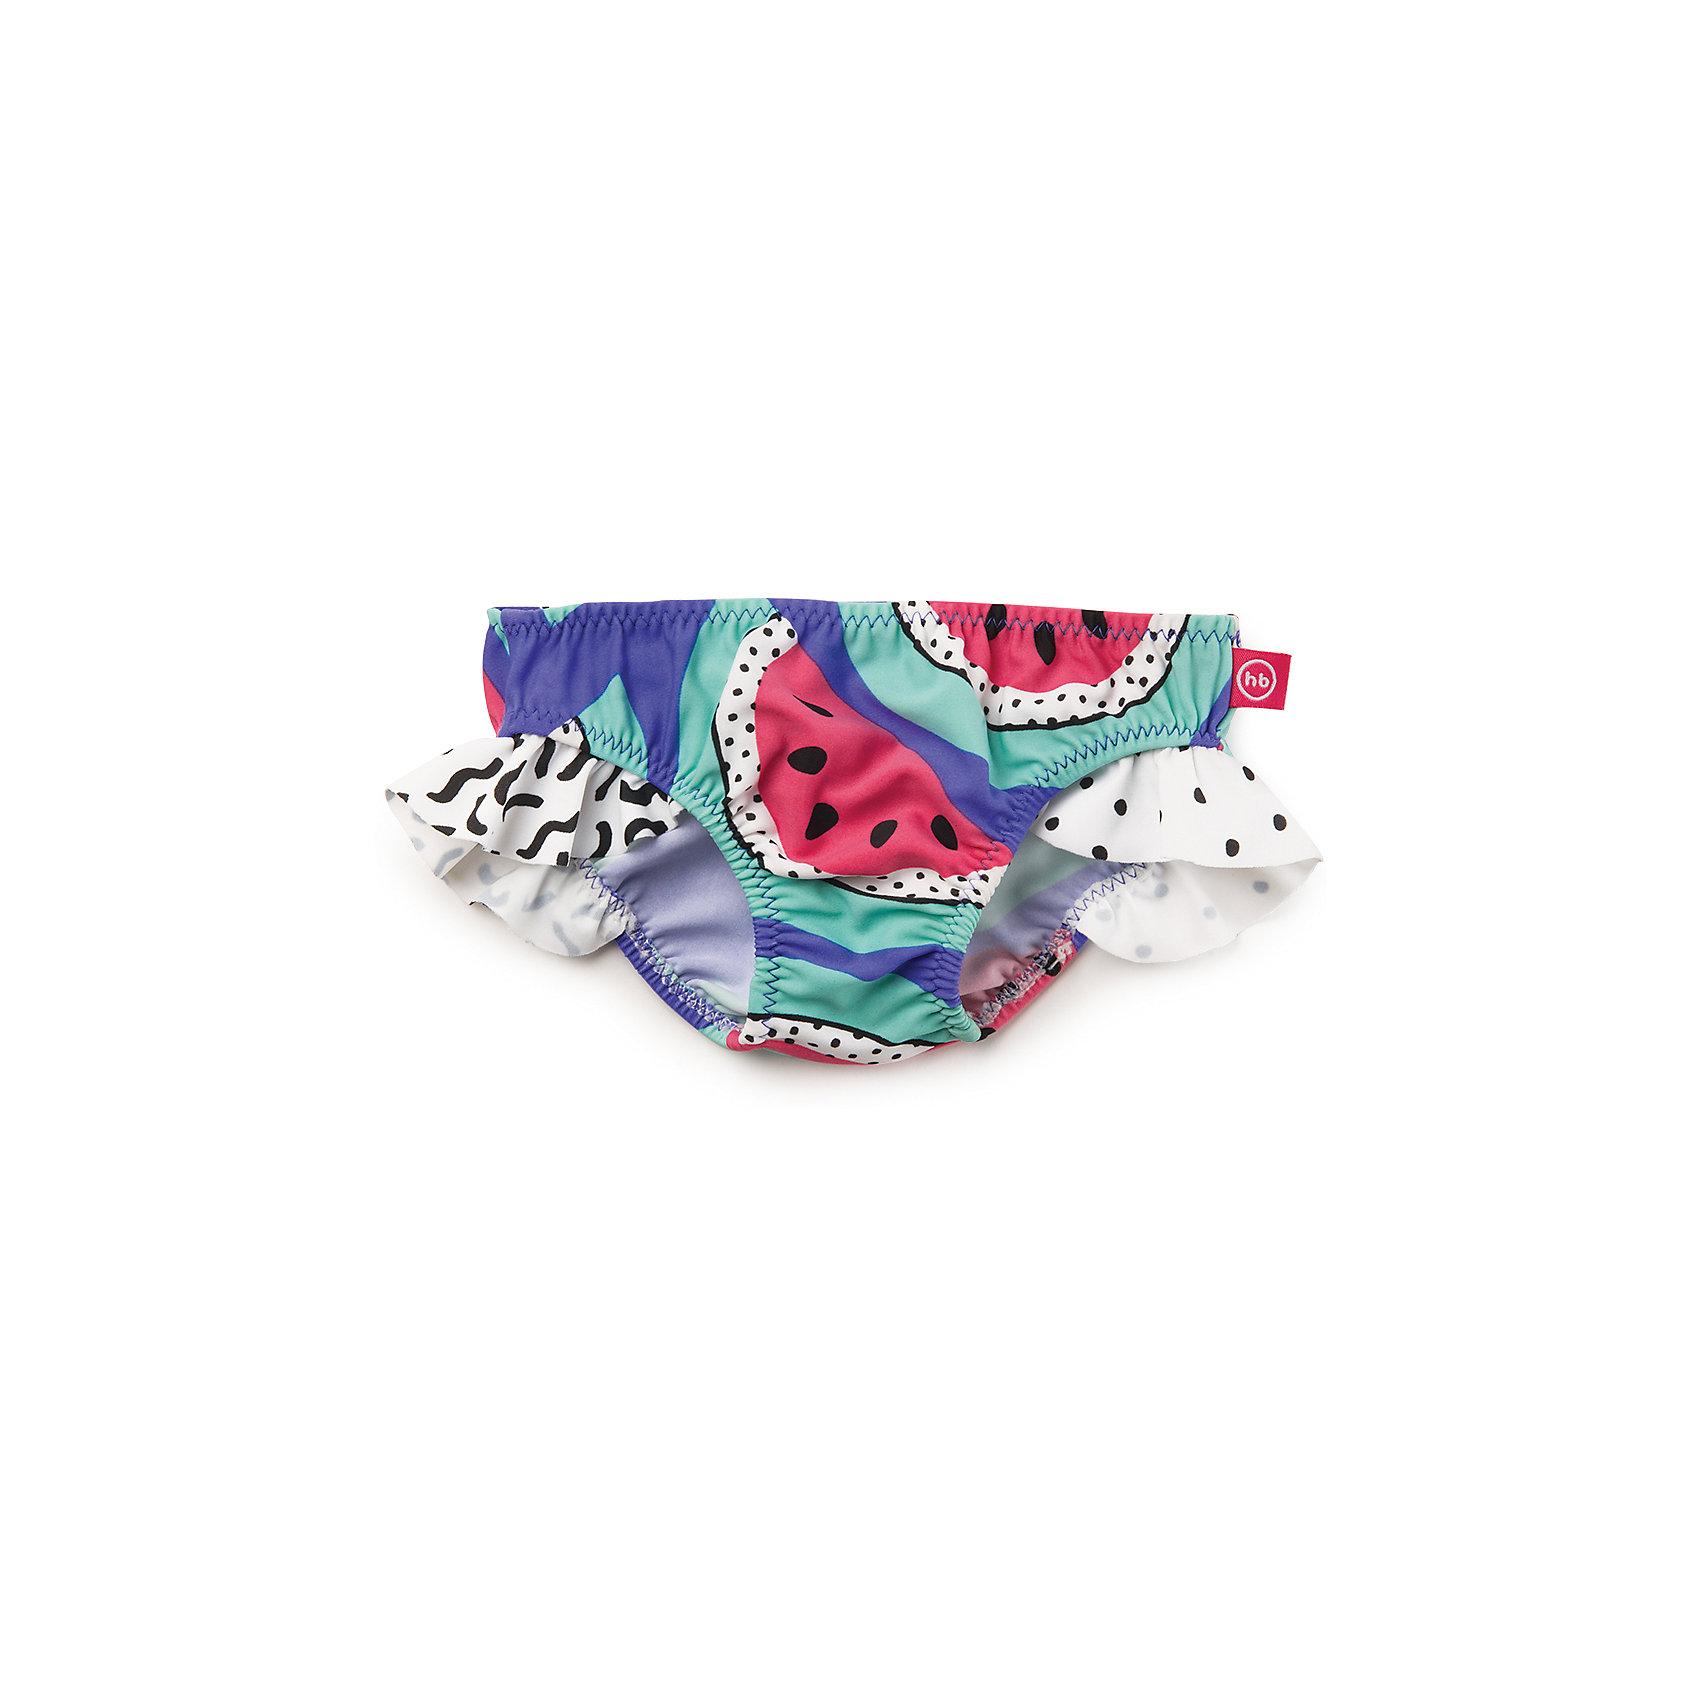 Плавки для девочек размер 86, Happy BabyКупальники и плавки<br>Характеристики:<br><br>• плавки с оборкой для девочек;<br>• плавки быстро сохнут;<br>• особая ткань защищает от перегрева на солнце;<br>• материал: ткань с защитой от солнечного излучения UPF 50+;<br>• размер: 86;<br>• размер упаковки: 22х13,5х2 см;<br>• вес: 50 г.<br><br>Плавки для девочек размер 86, Happy Baby можно купить в нашем интернет-магазине.<br><br>Ширина мм: 20<br>Глубина мм: 220<br>Высота мм: 135<br>Вес г: 330<br>Возраст от месяцев: 24<br>Возраст до месяцев: 36<br>Пол: Женский<br>Возраст: Детский<br>SKU: 6681116